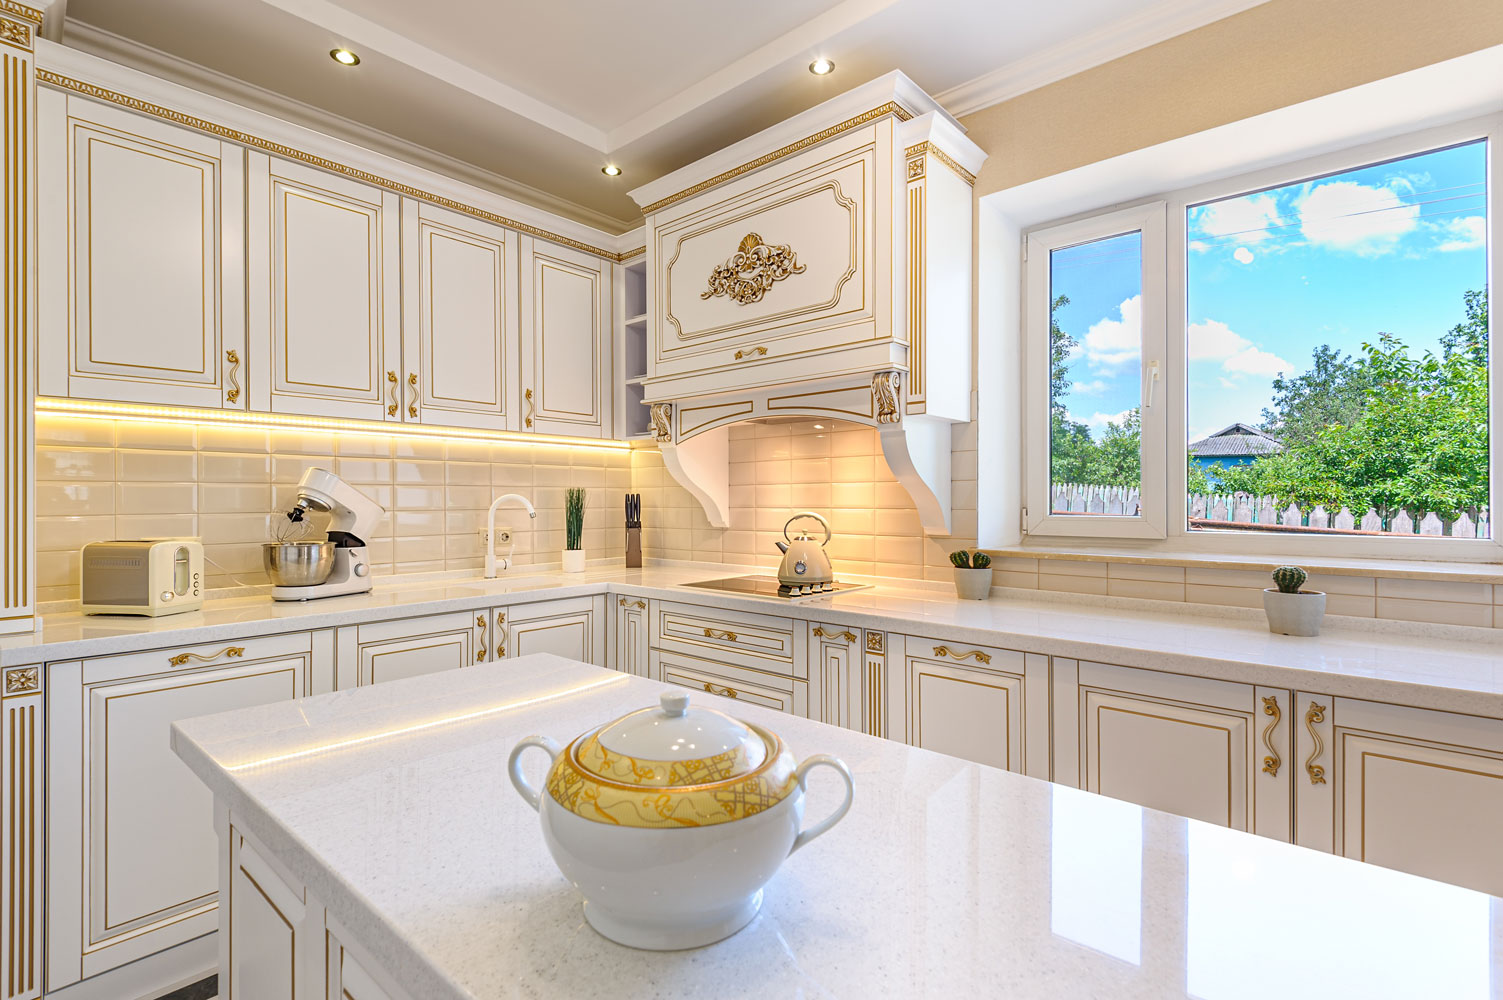 Kitchen Design in New Vernon, NJ